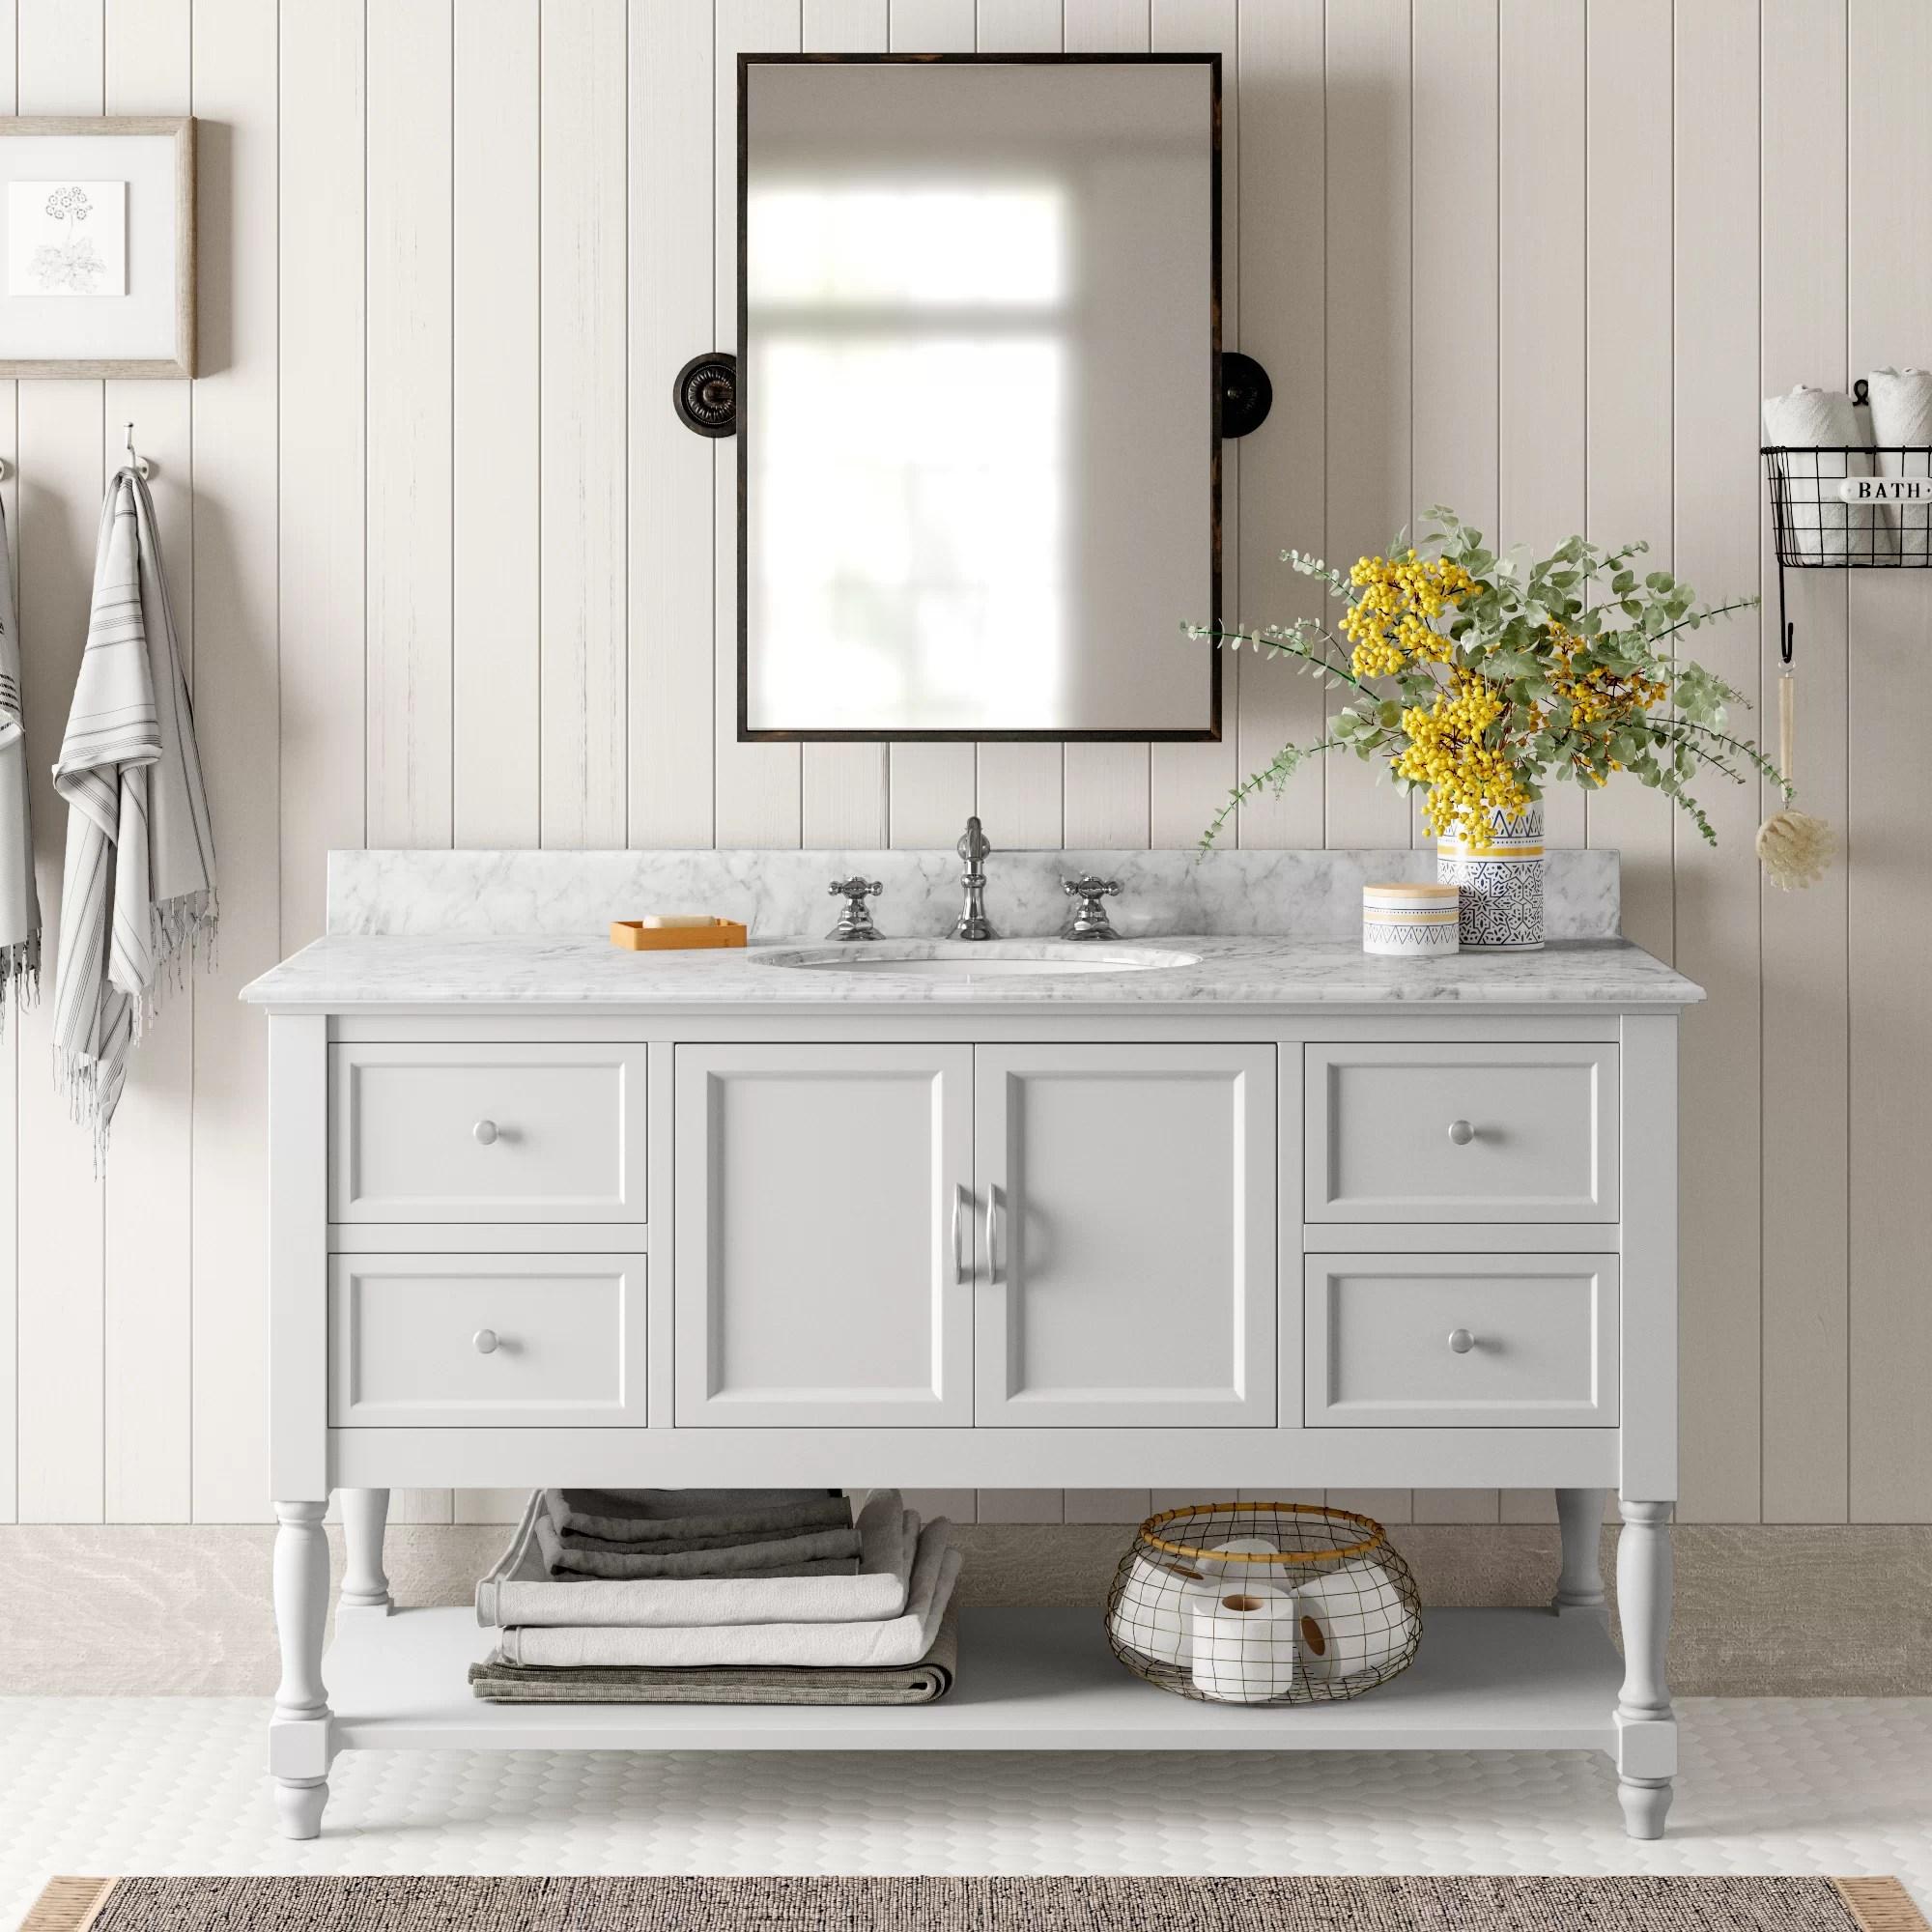 otho 60 single bathroom vanity set